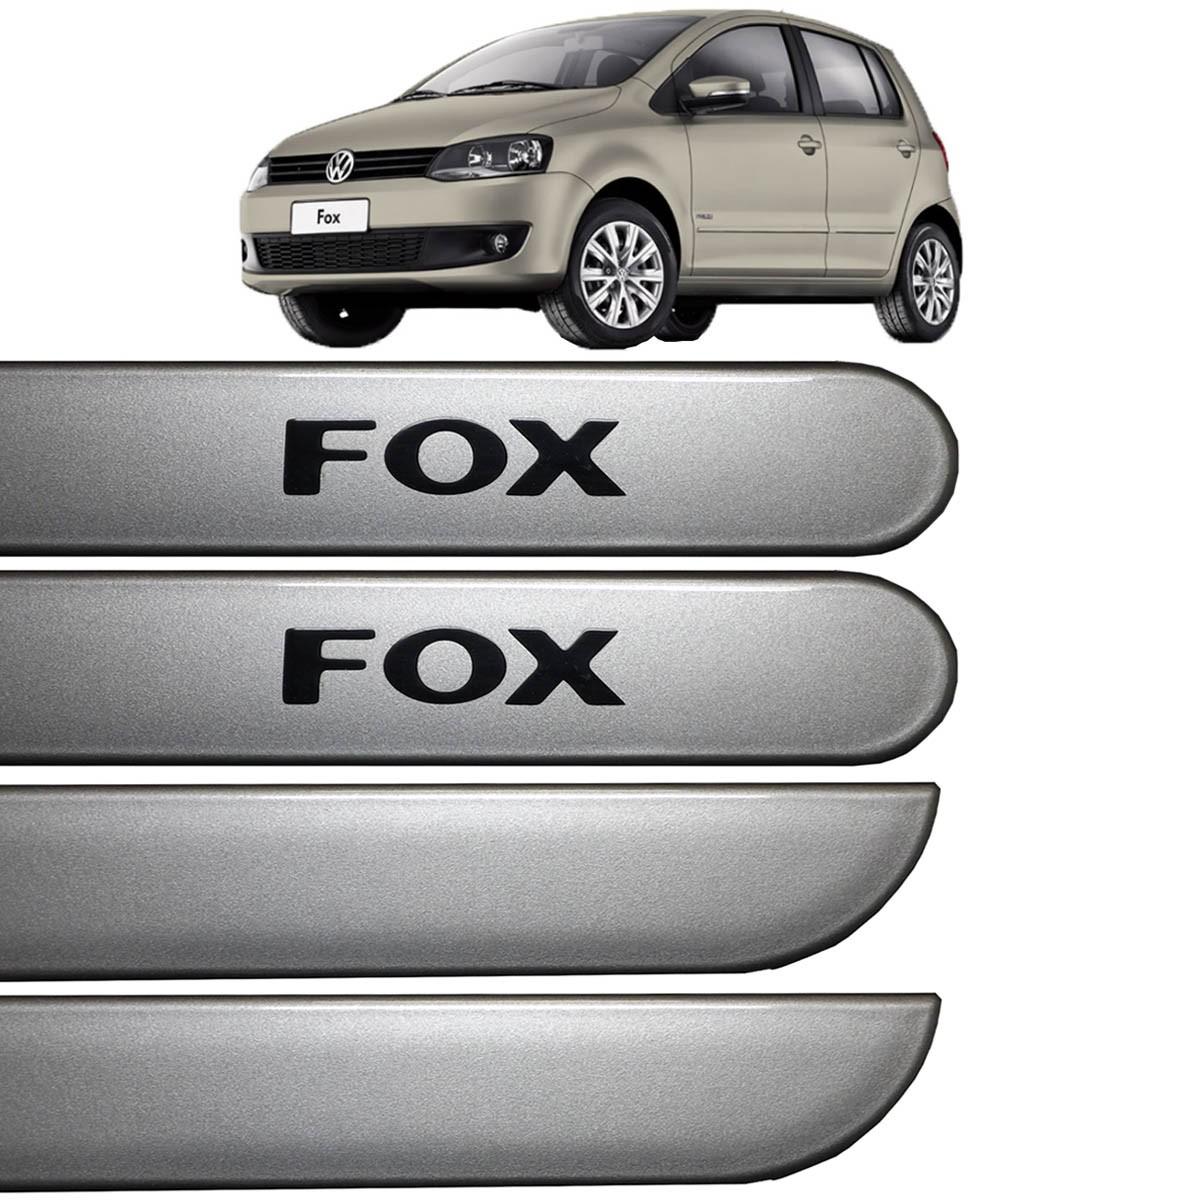 Jogo Friso Lateral Fox 04 Portas 2003 até 2016 Prata Egito